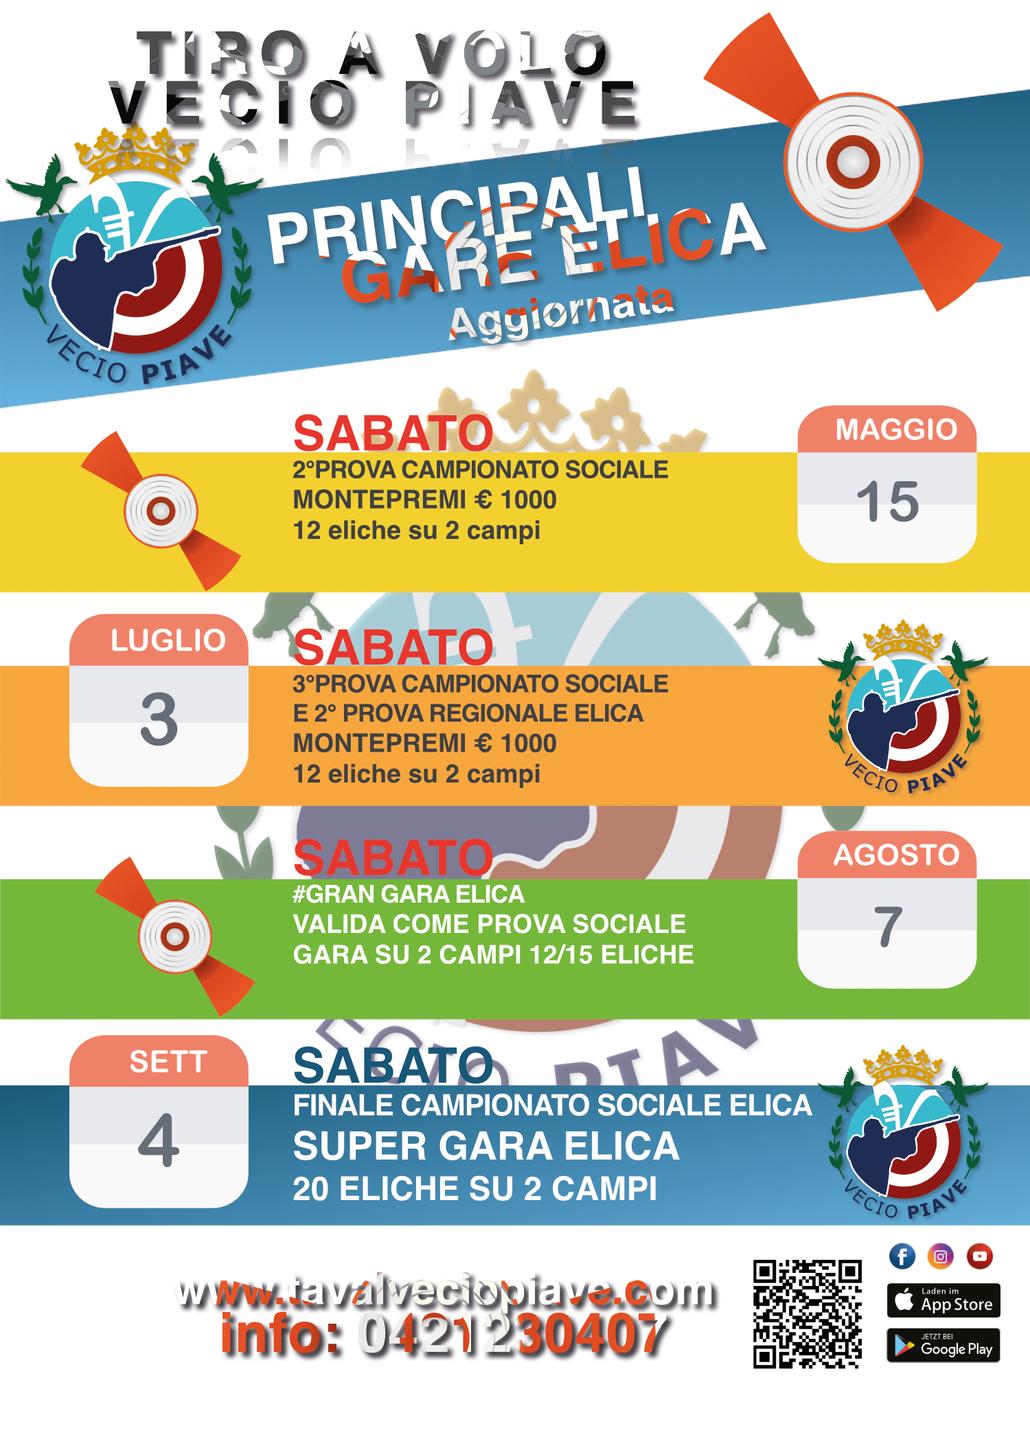 IMM_PRINCIPALI GARE ELICA 2021_1_1.png